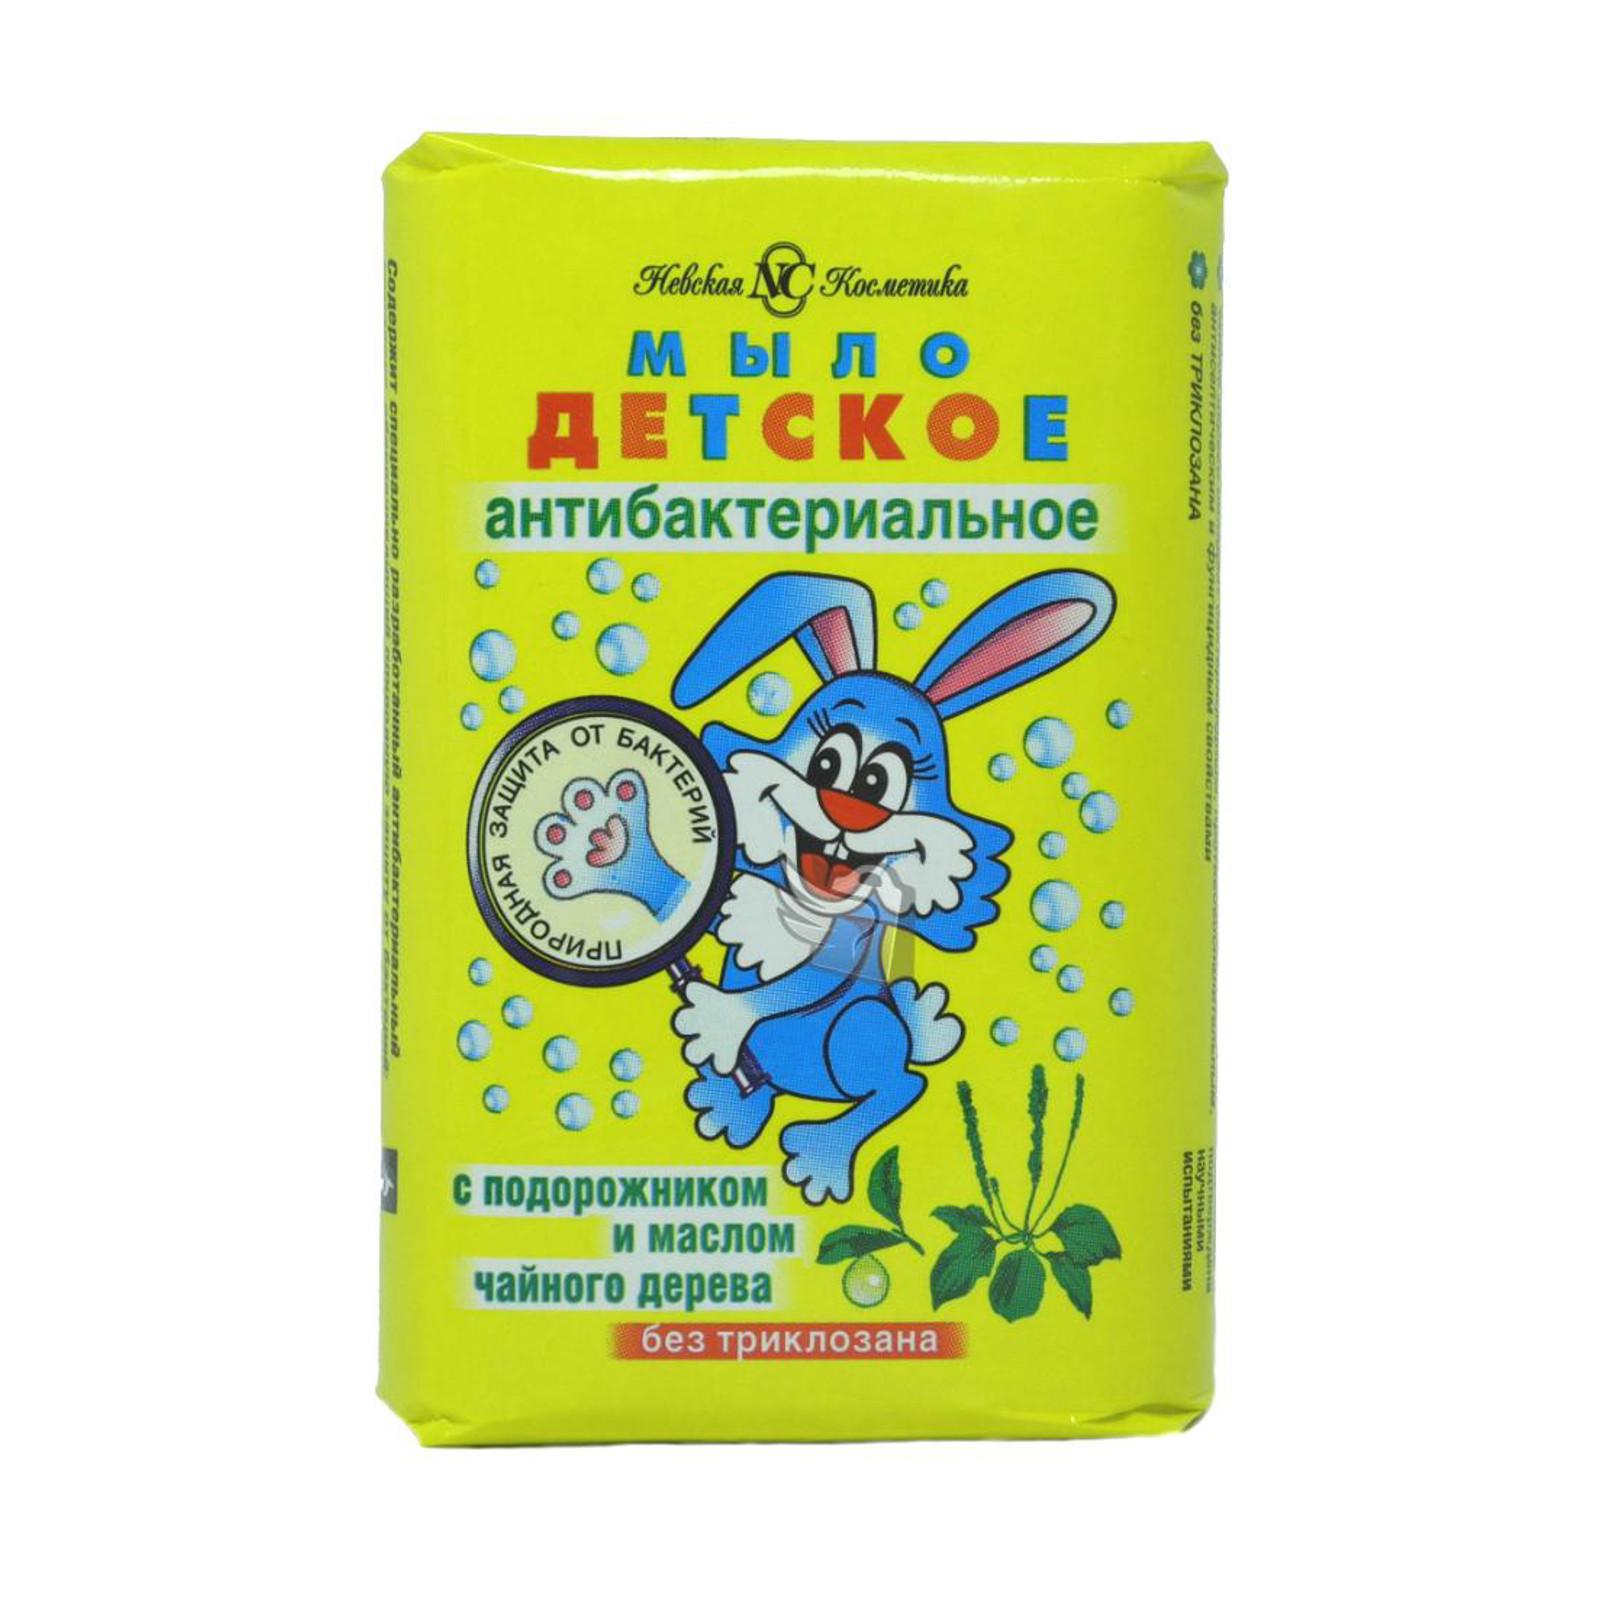 Мыло Невская косметика с антибактериальным эффектом 90 гр<br>